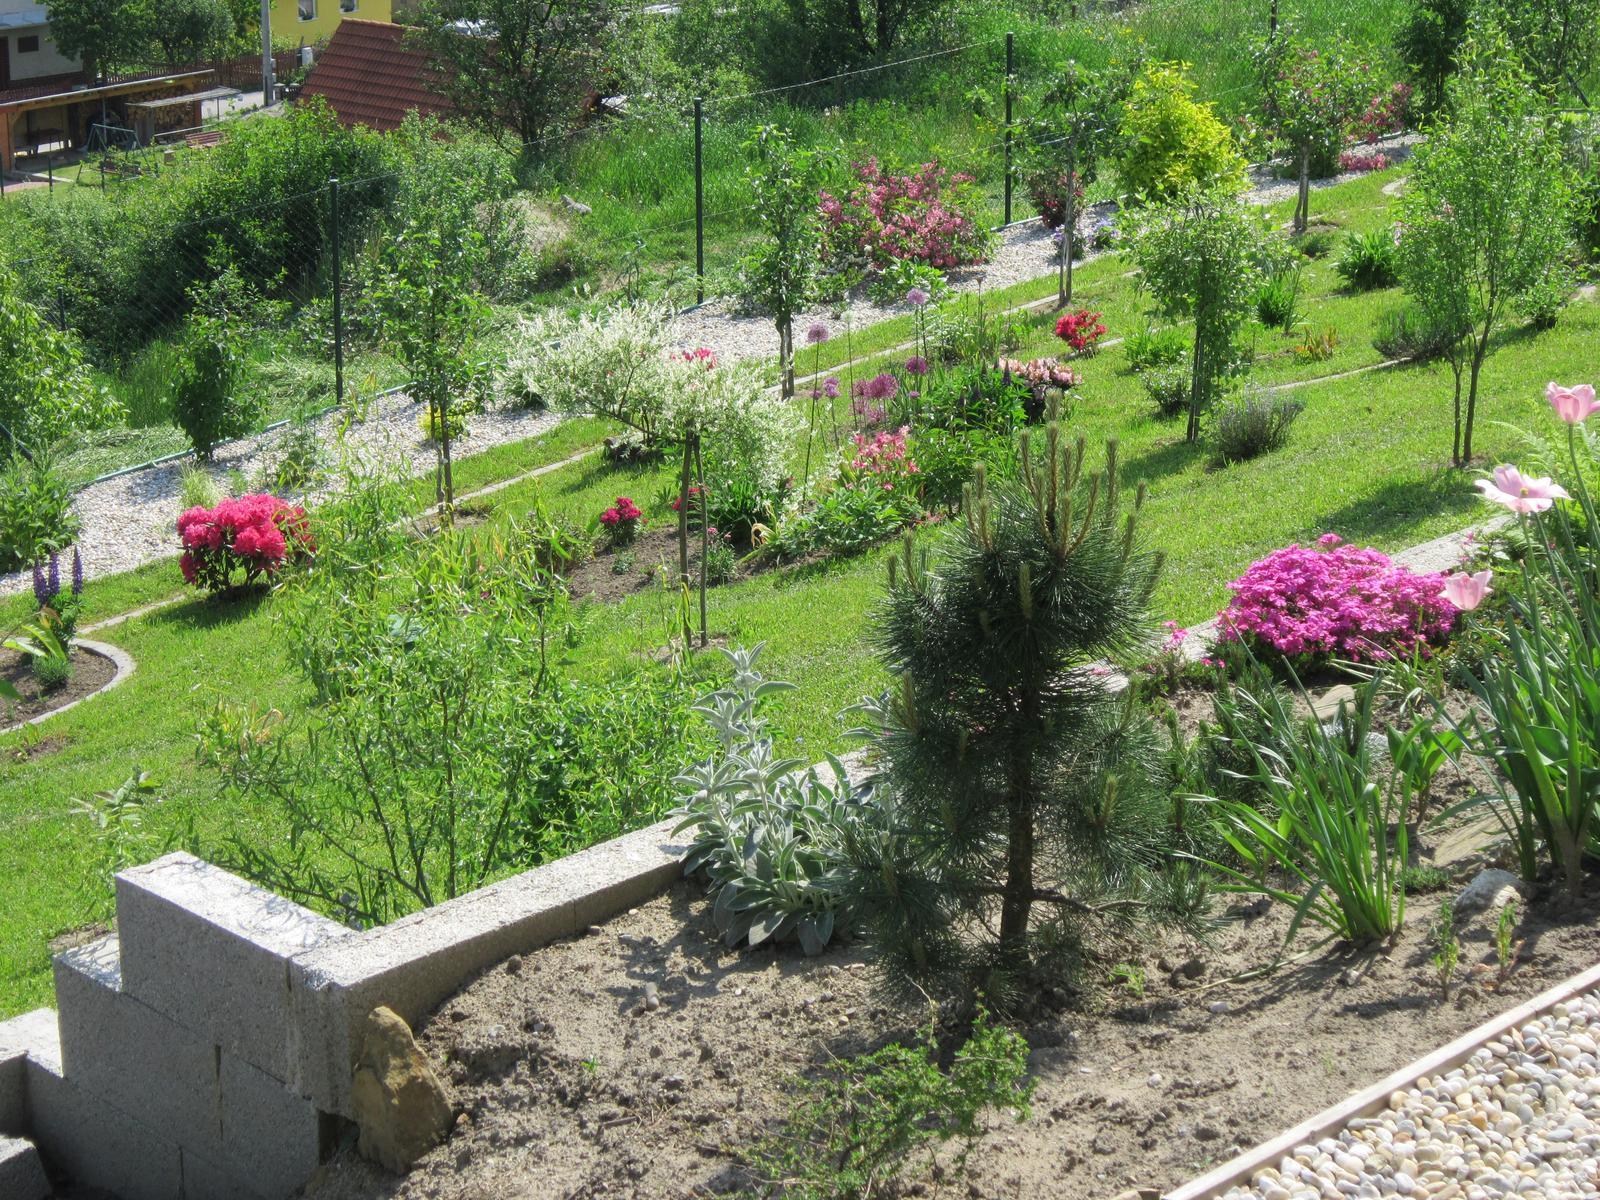 Moja záhrada...ako šiel čas - Obrázok č. 96